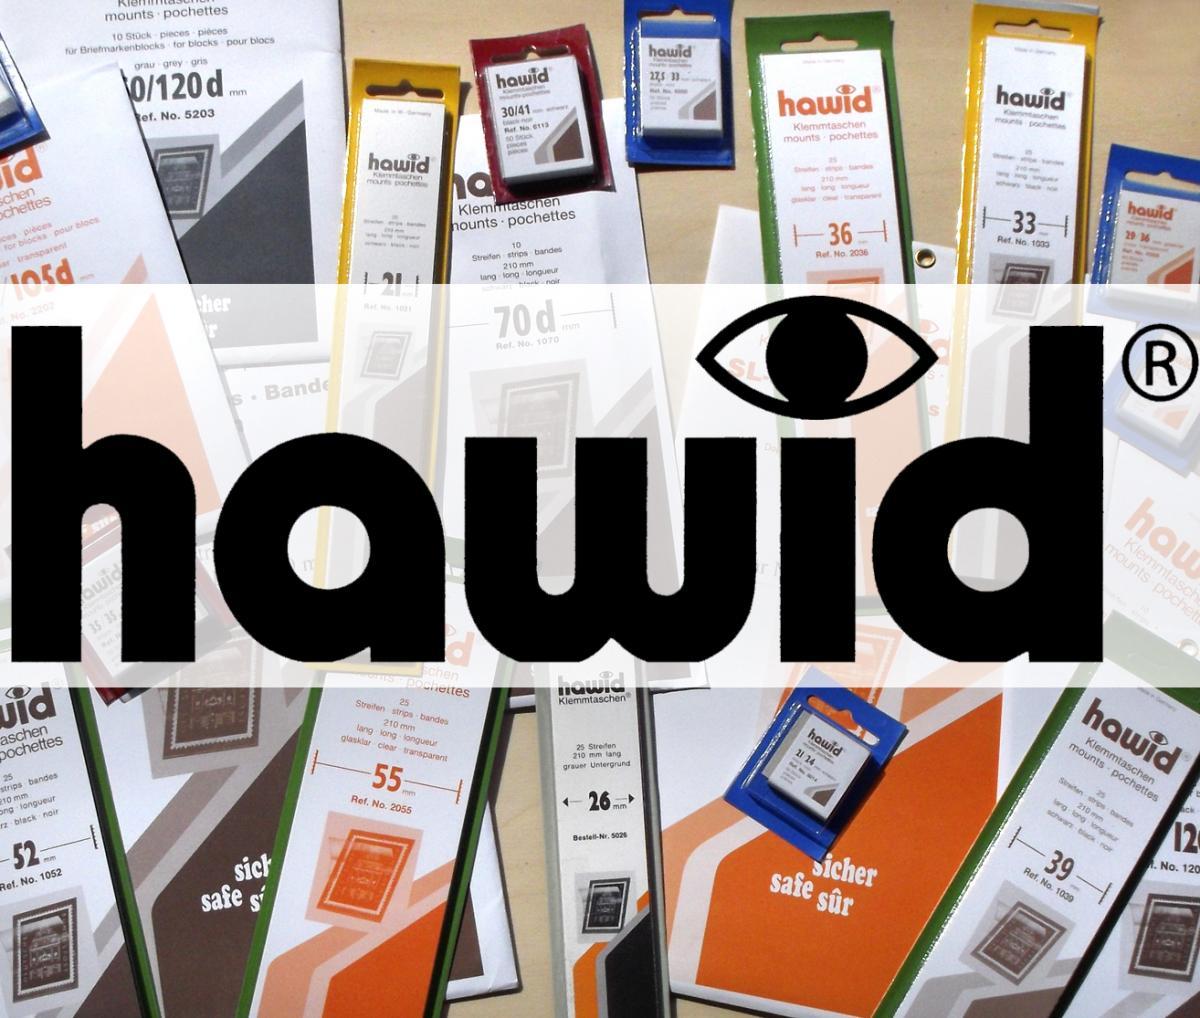 HAWID-Zuschnitte Klemmtaschen 26 x 31 mm, glasklar, 50 Stück (blaue Verpackung)